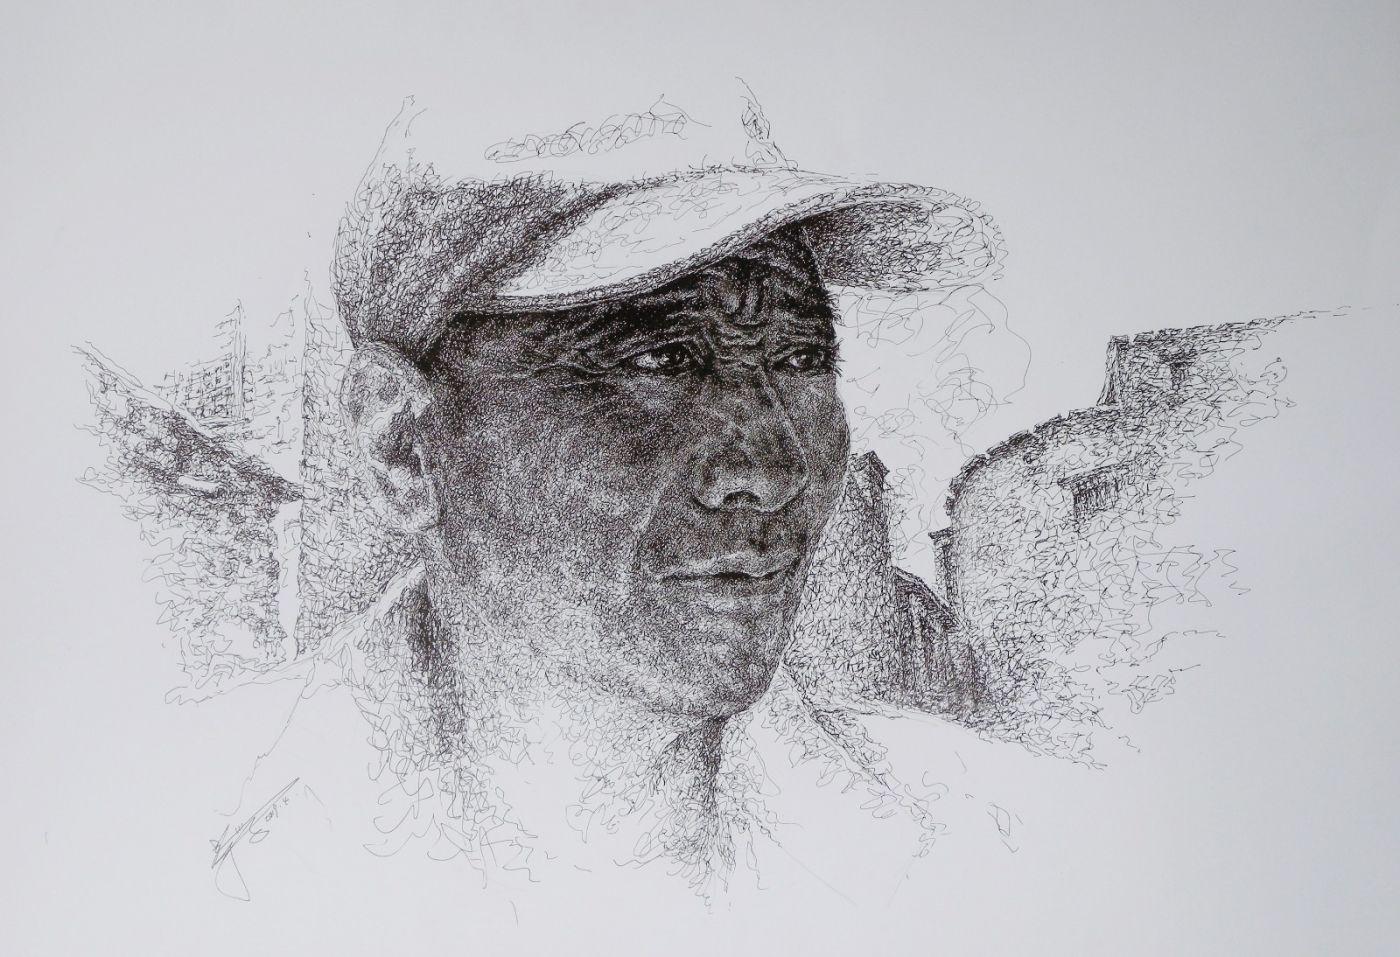 山雪钢笔画——2019年的作品_图1-5